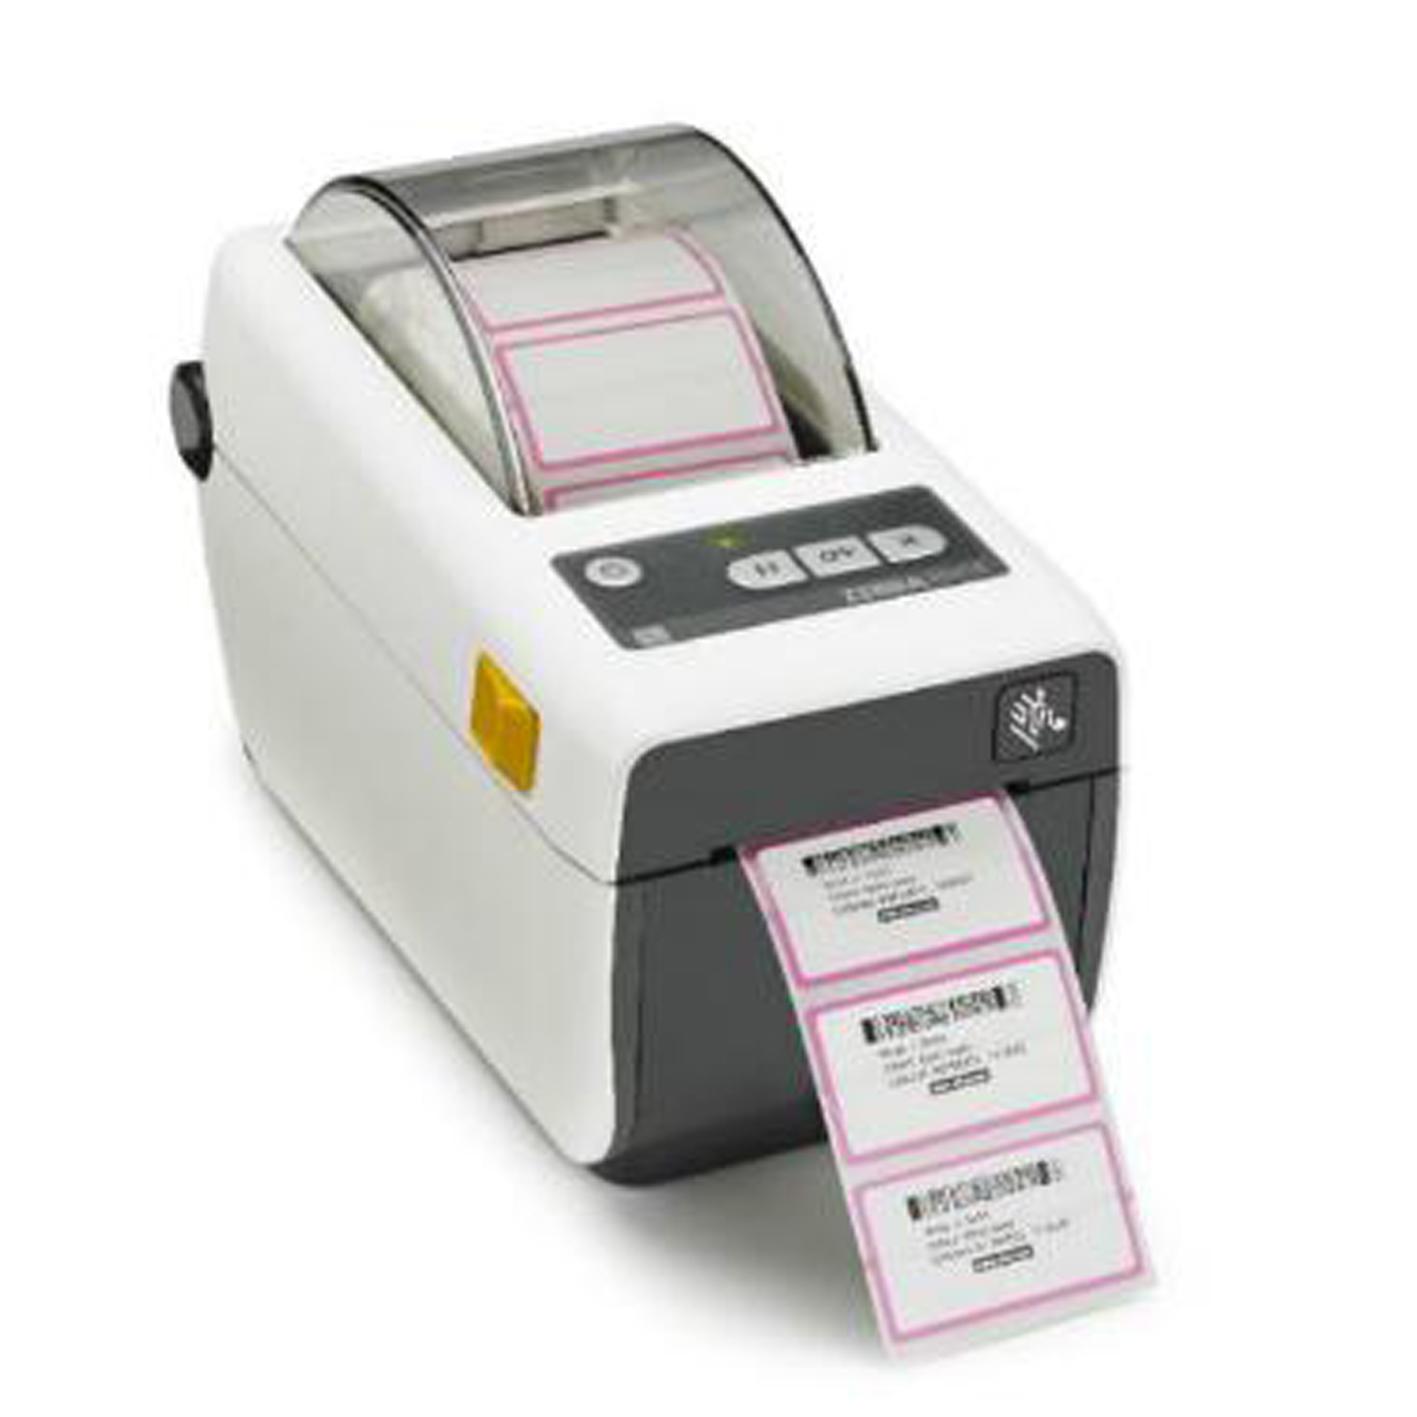 imprimante thermique ZEBRA ZD410 HC-Alphaprint Touraine